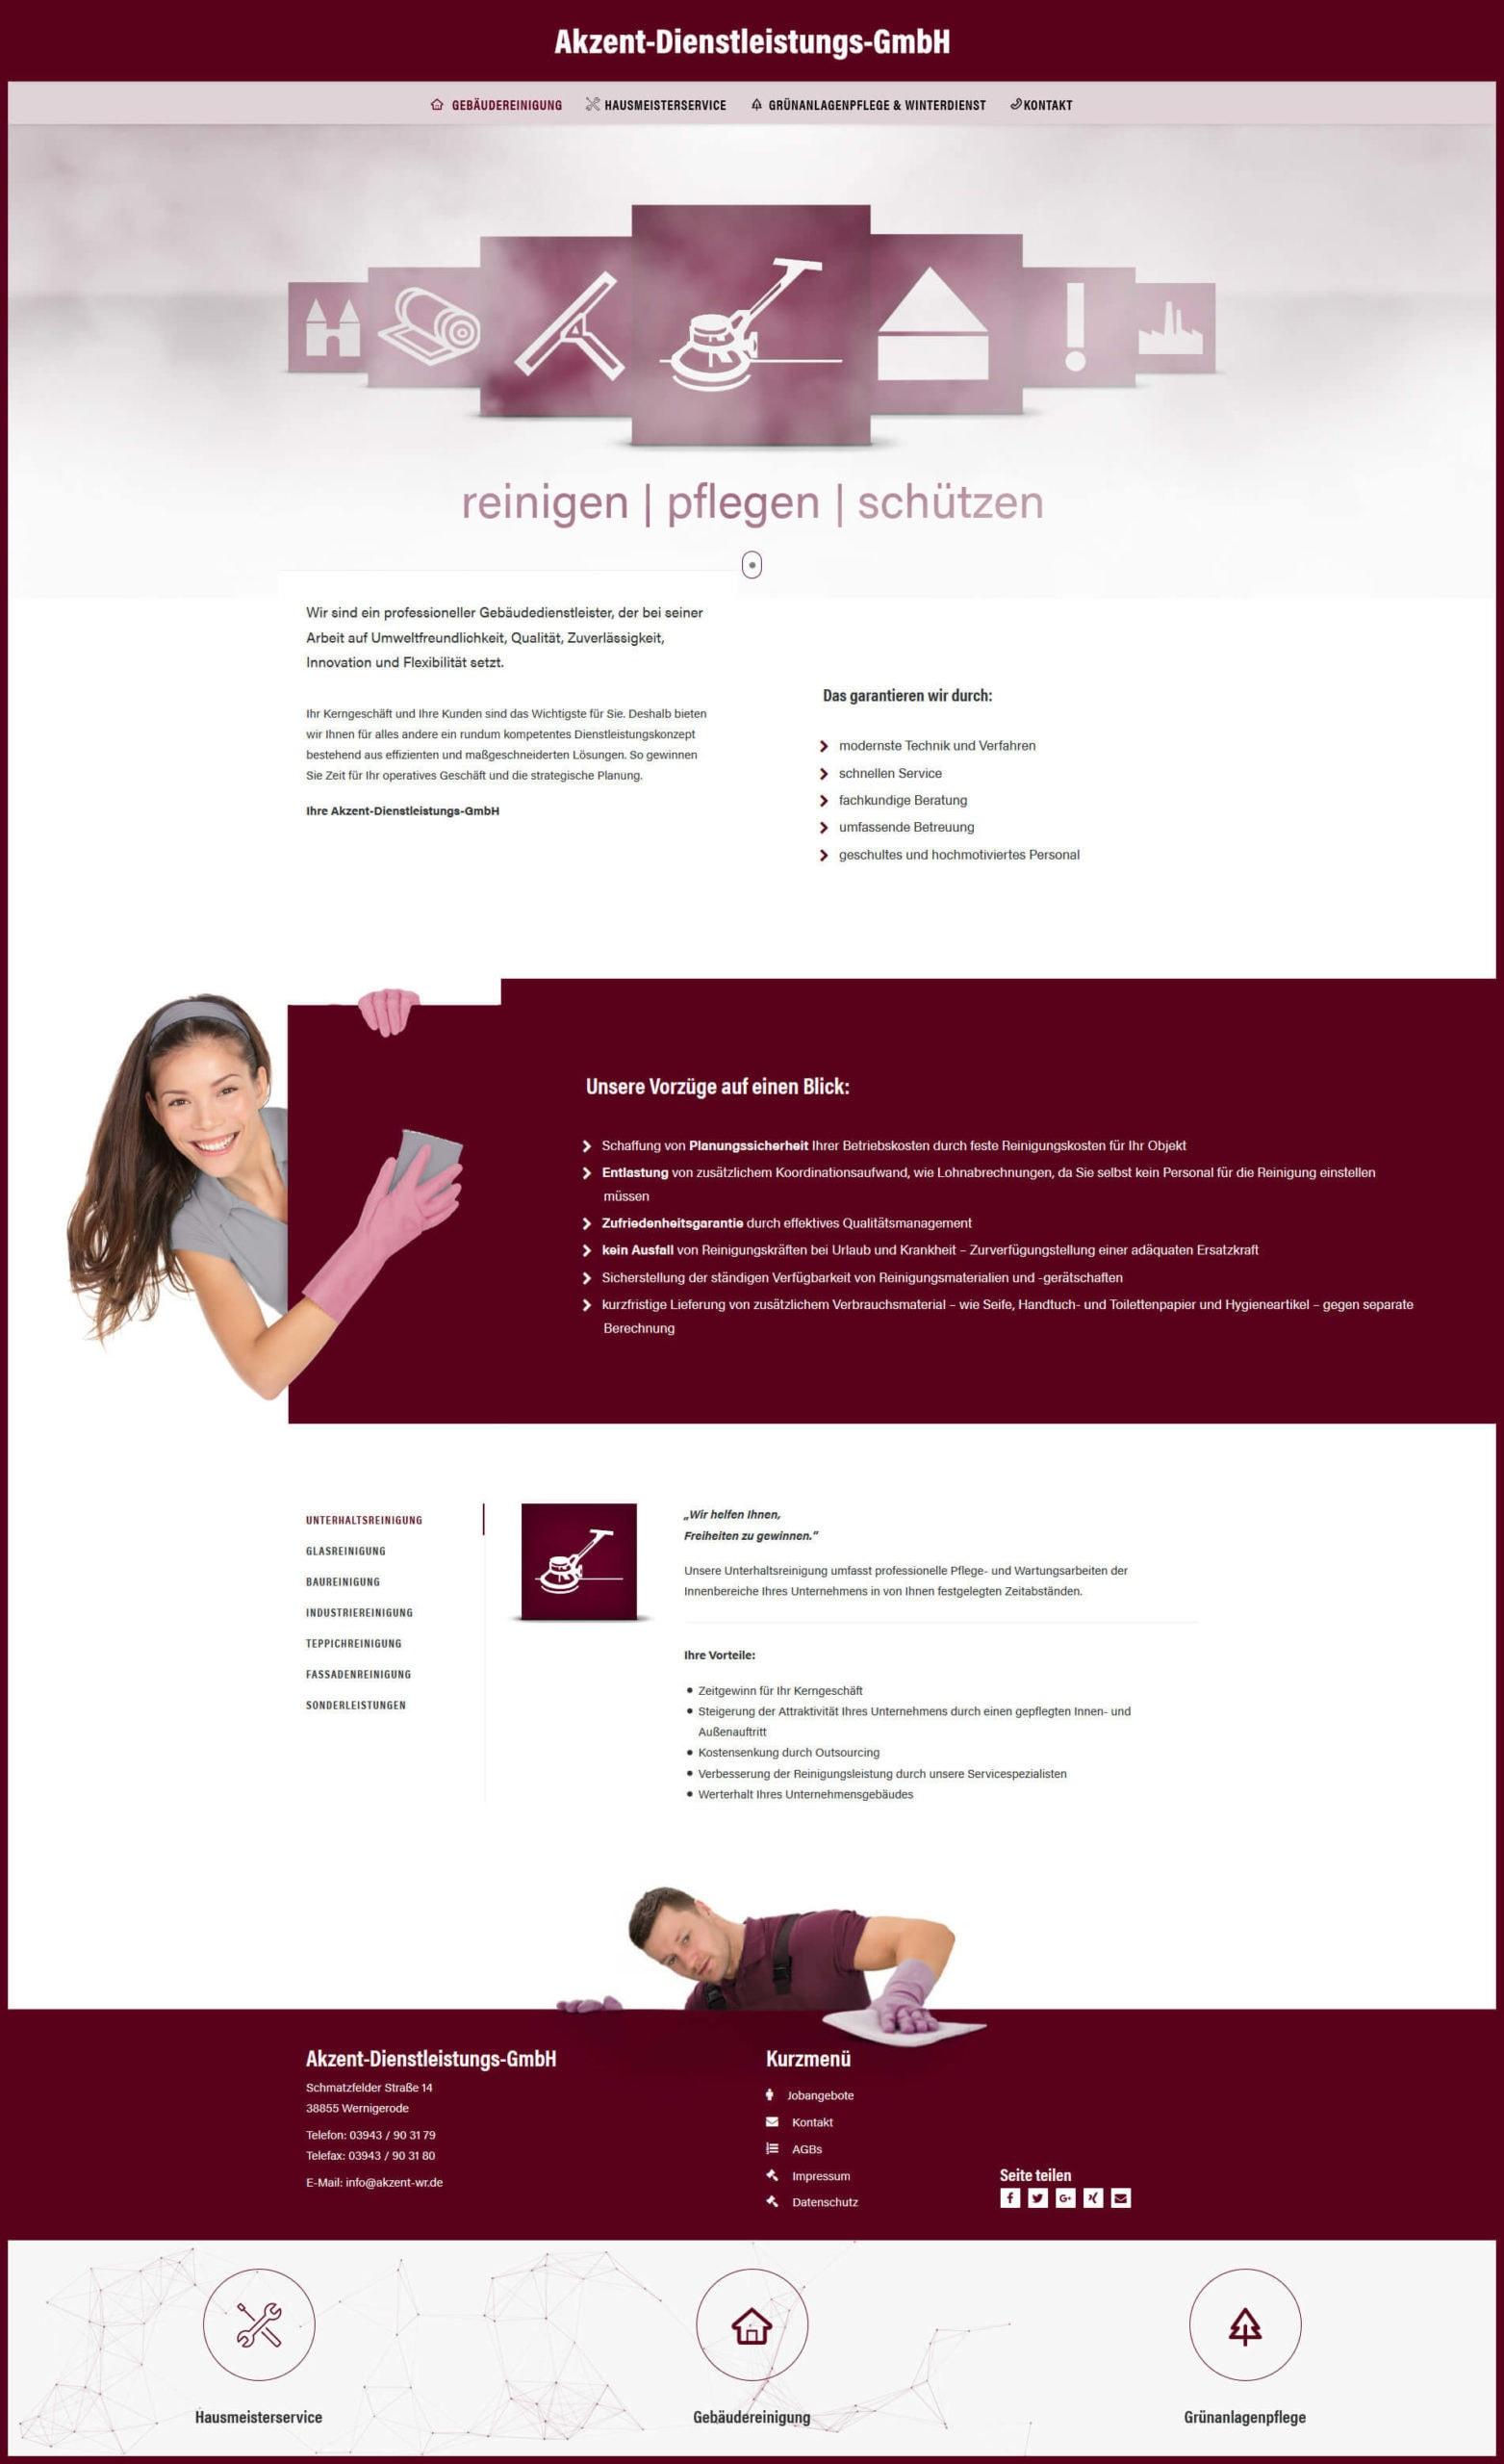 Webdesign | Akzent-Dienstleistungs-GmbH, Wernigerode